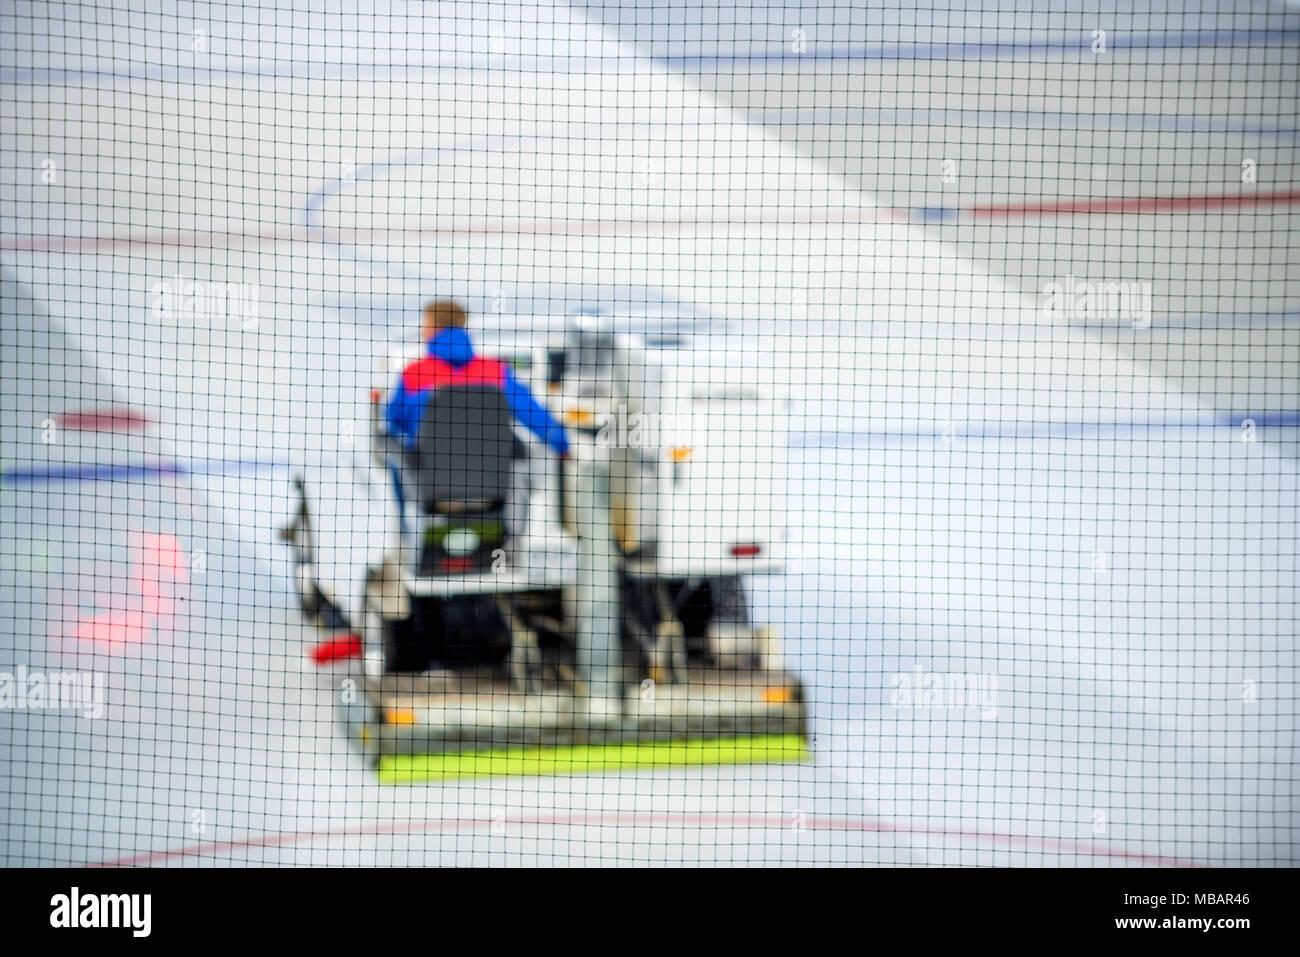 Macchina di rettifica pulisce ghiaccio della pista da hockey Immagini Stock